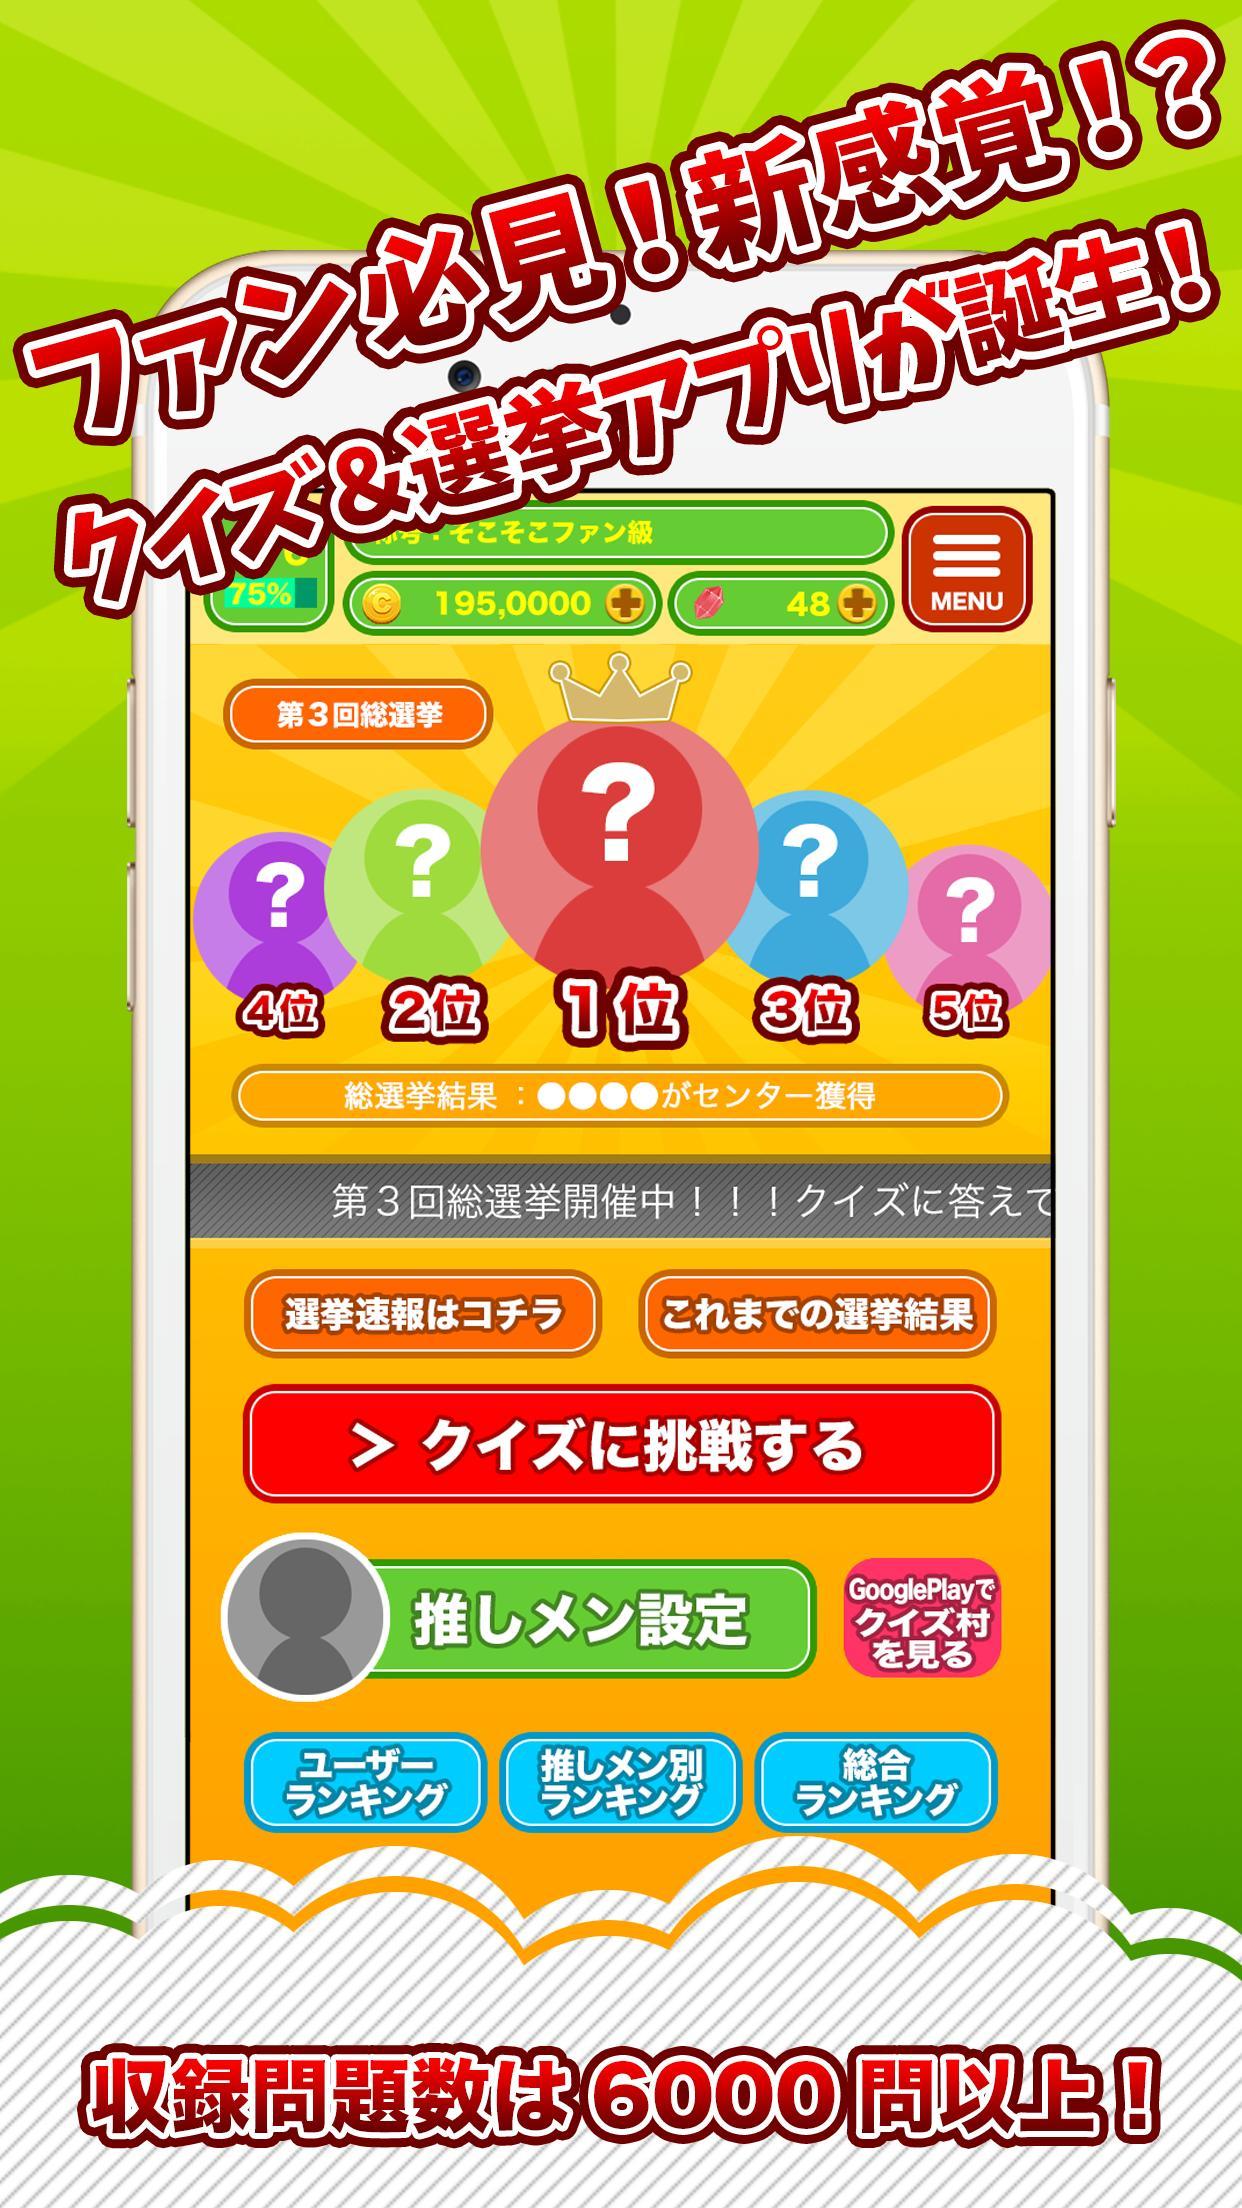 セクゾクイズ村 for Sexy Zone(セクシーゾーン) 1 تصوير الشاشة